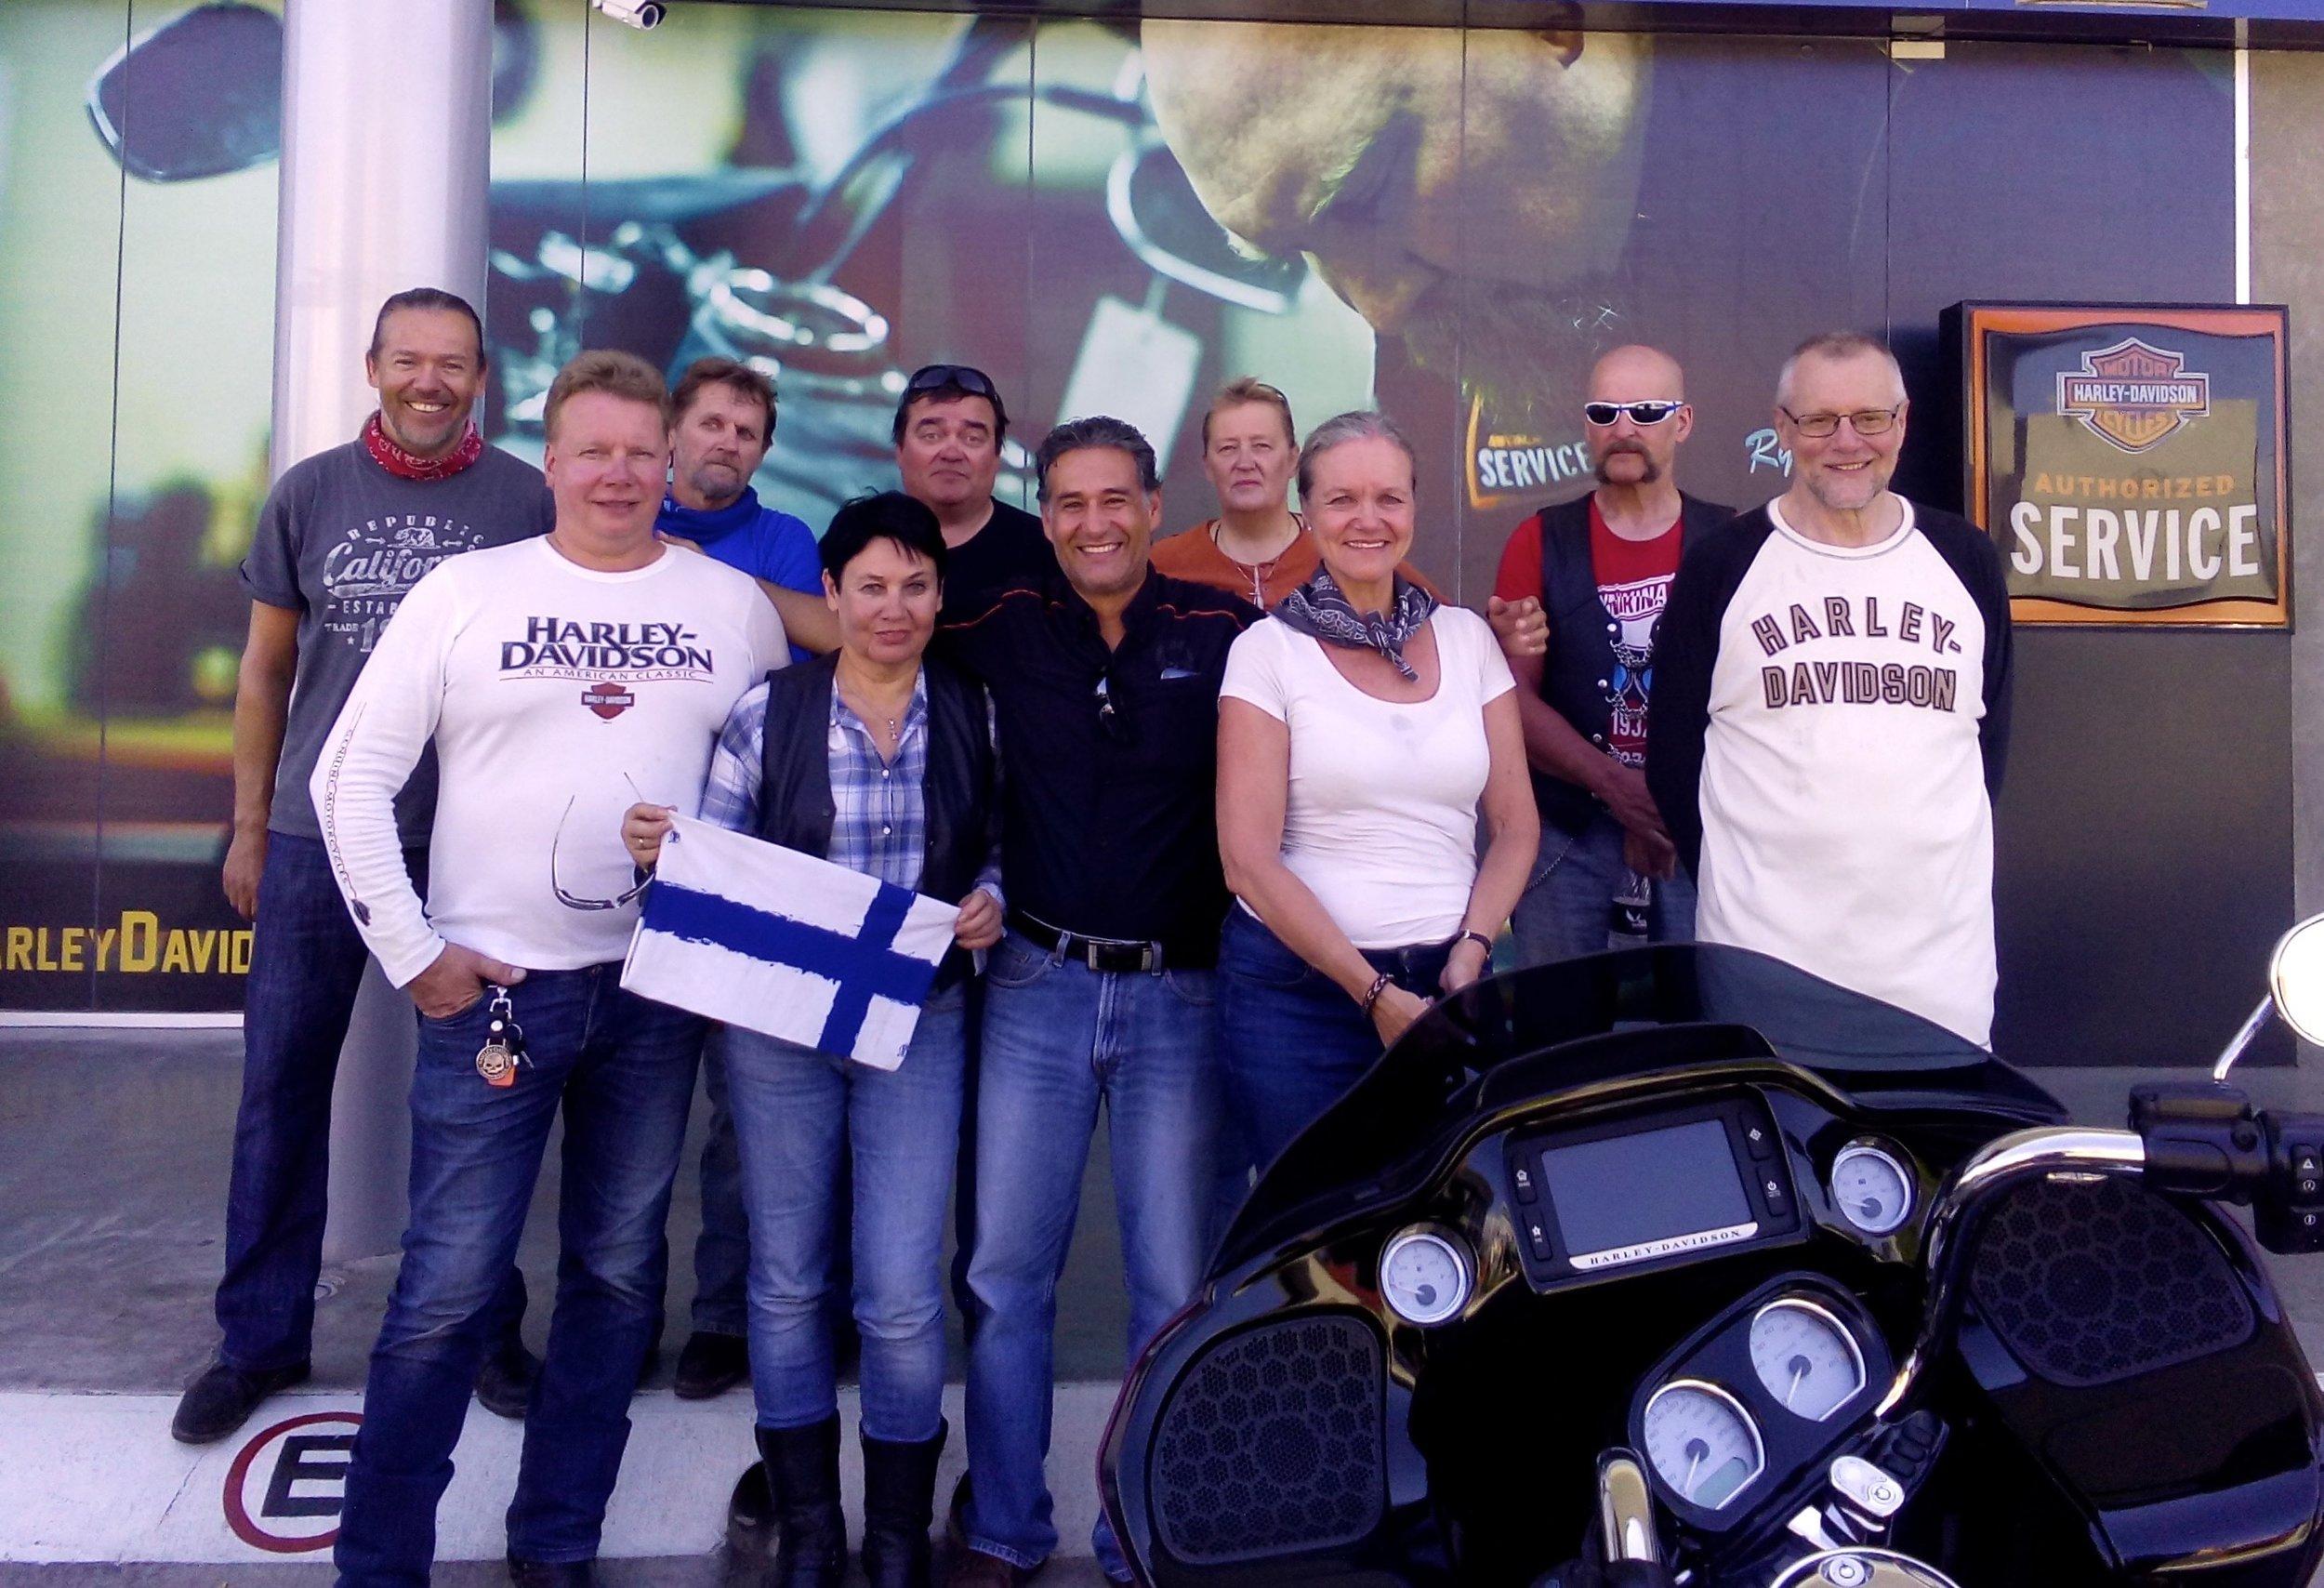 Culiacanin HD-pomo Luis Soltero ja harvinaiset vieraat kaukaa pohjolasta :)